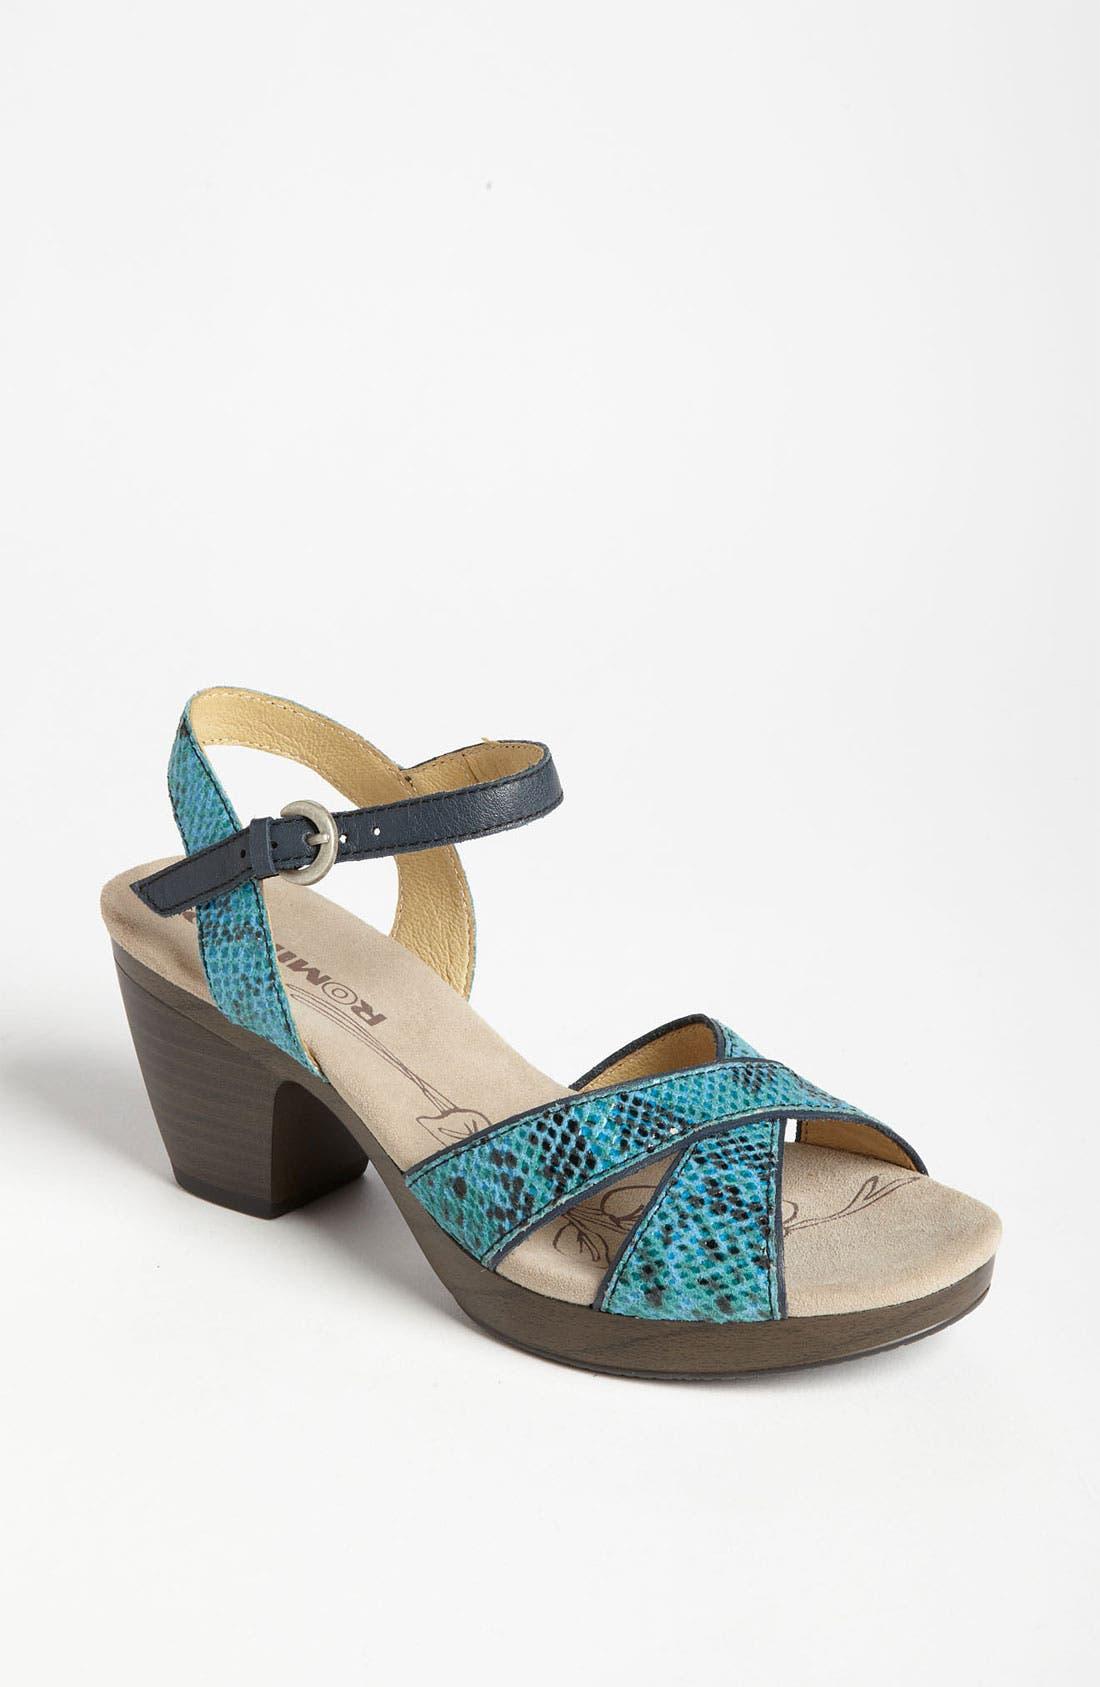 Alternate Image 1 Selected - Romika® 'Nancy 01' Sandal